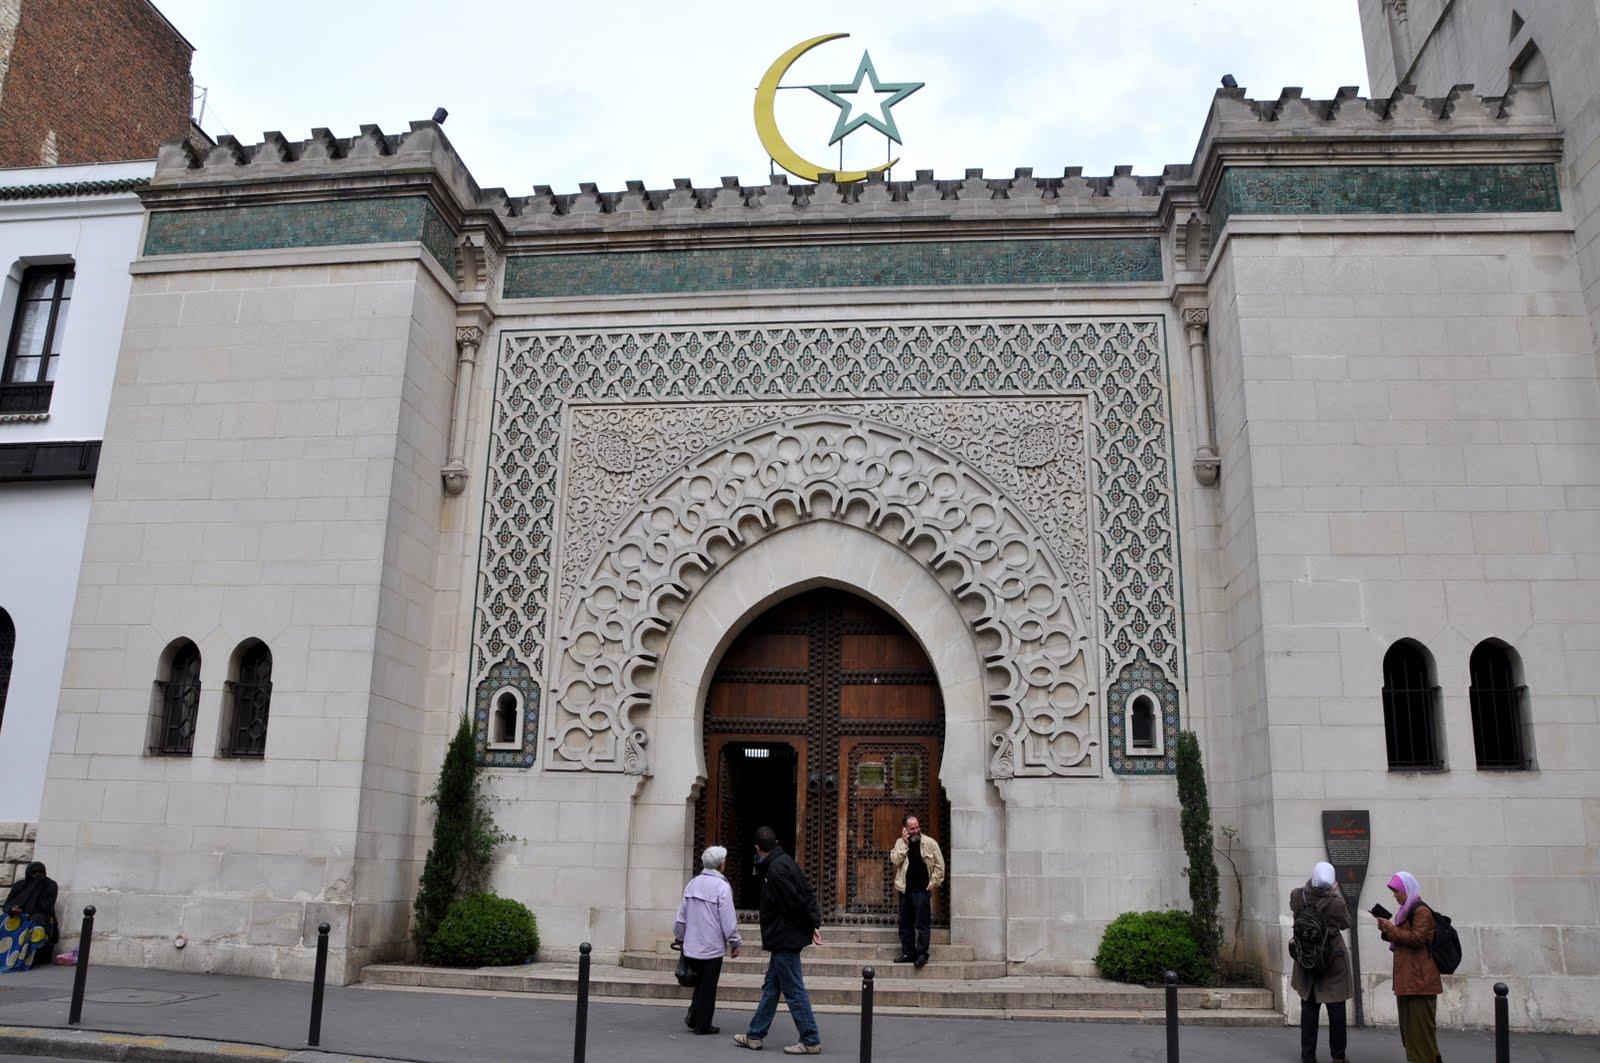 إقالة إمام مسجد في فرنسا لتلاوته آيات منافية لقيم الجمهورية